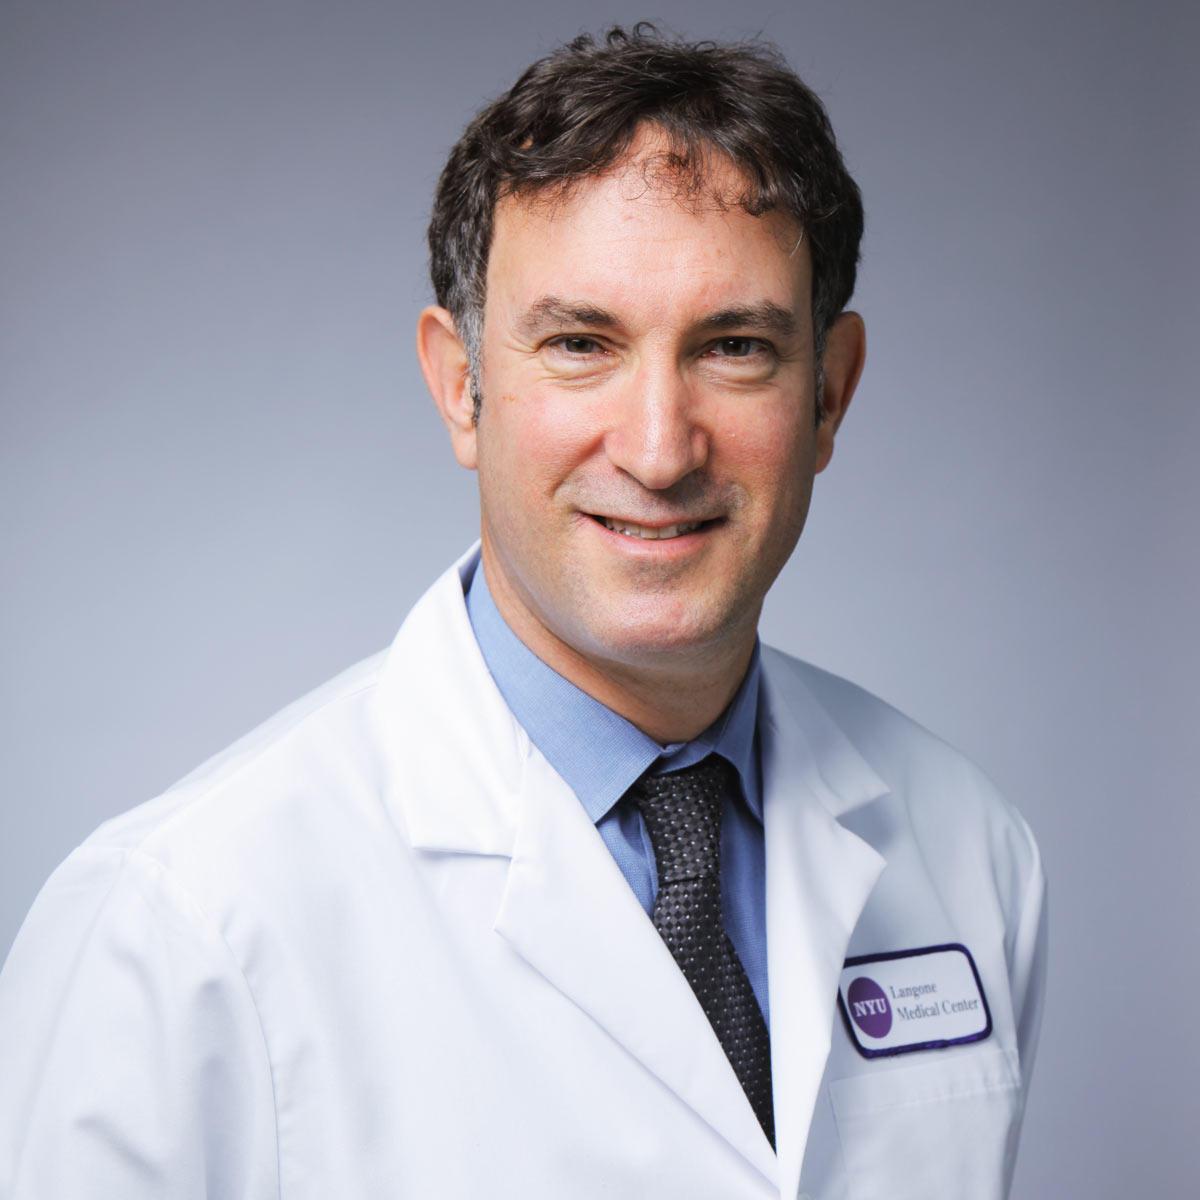 Jeffrey M. Cohen, MD